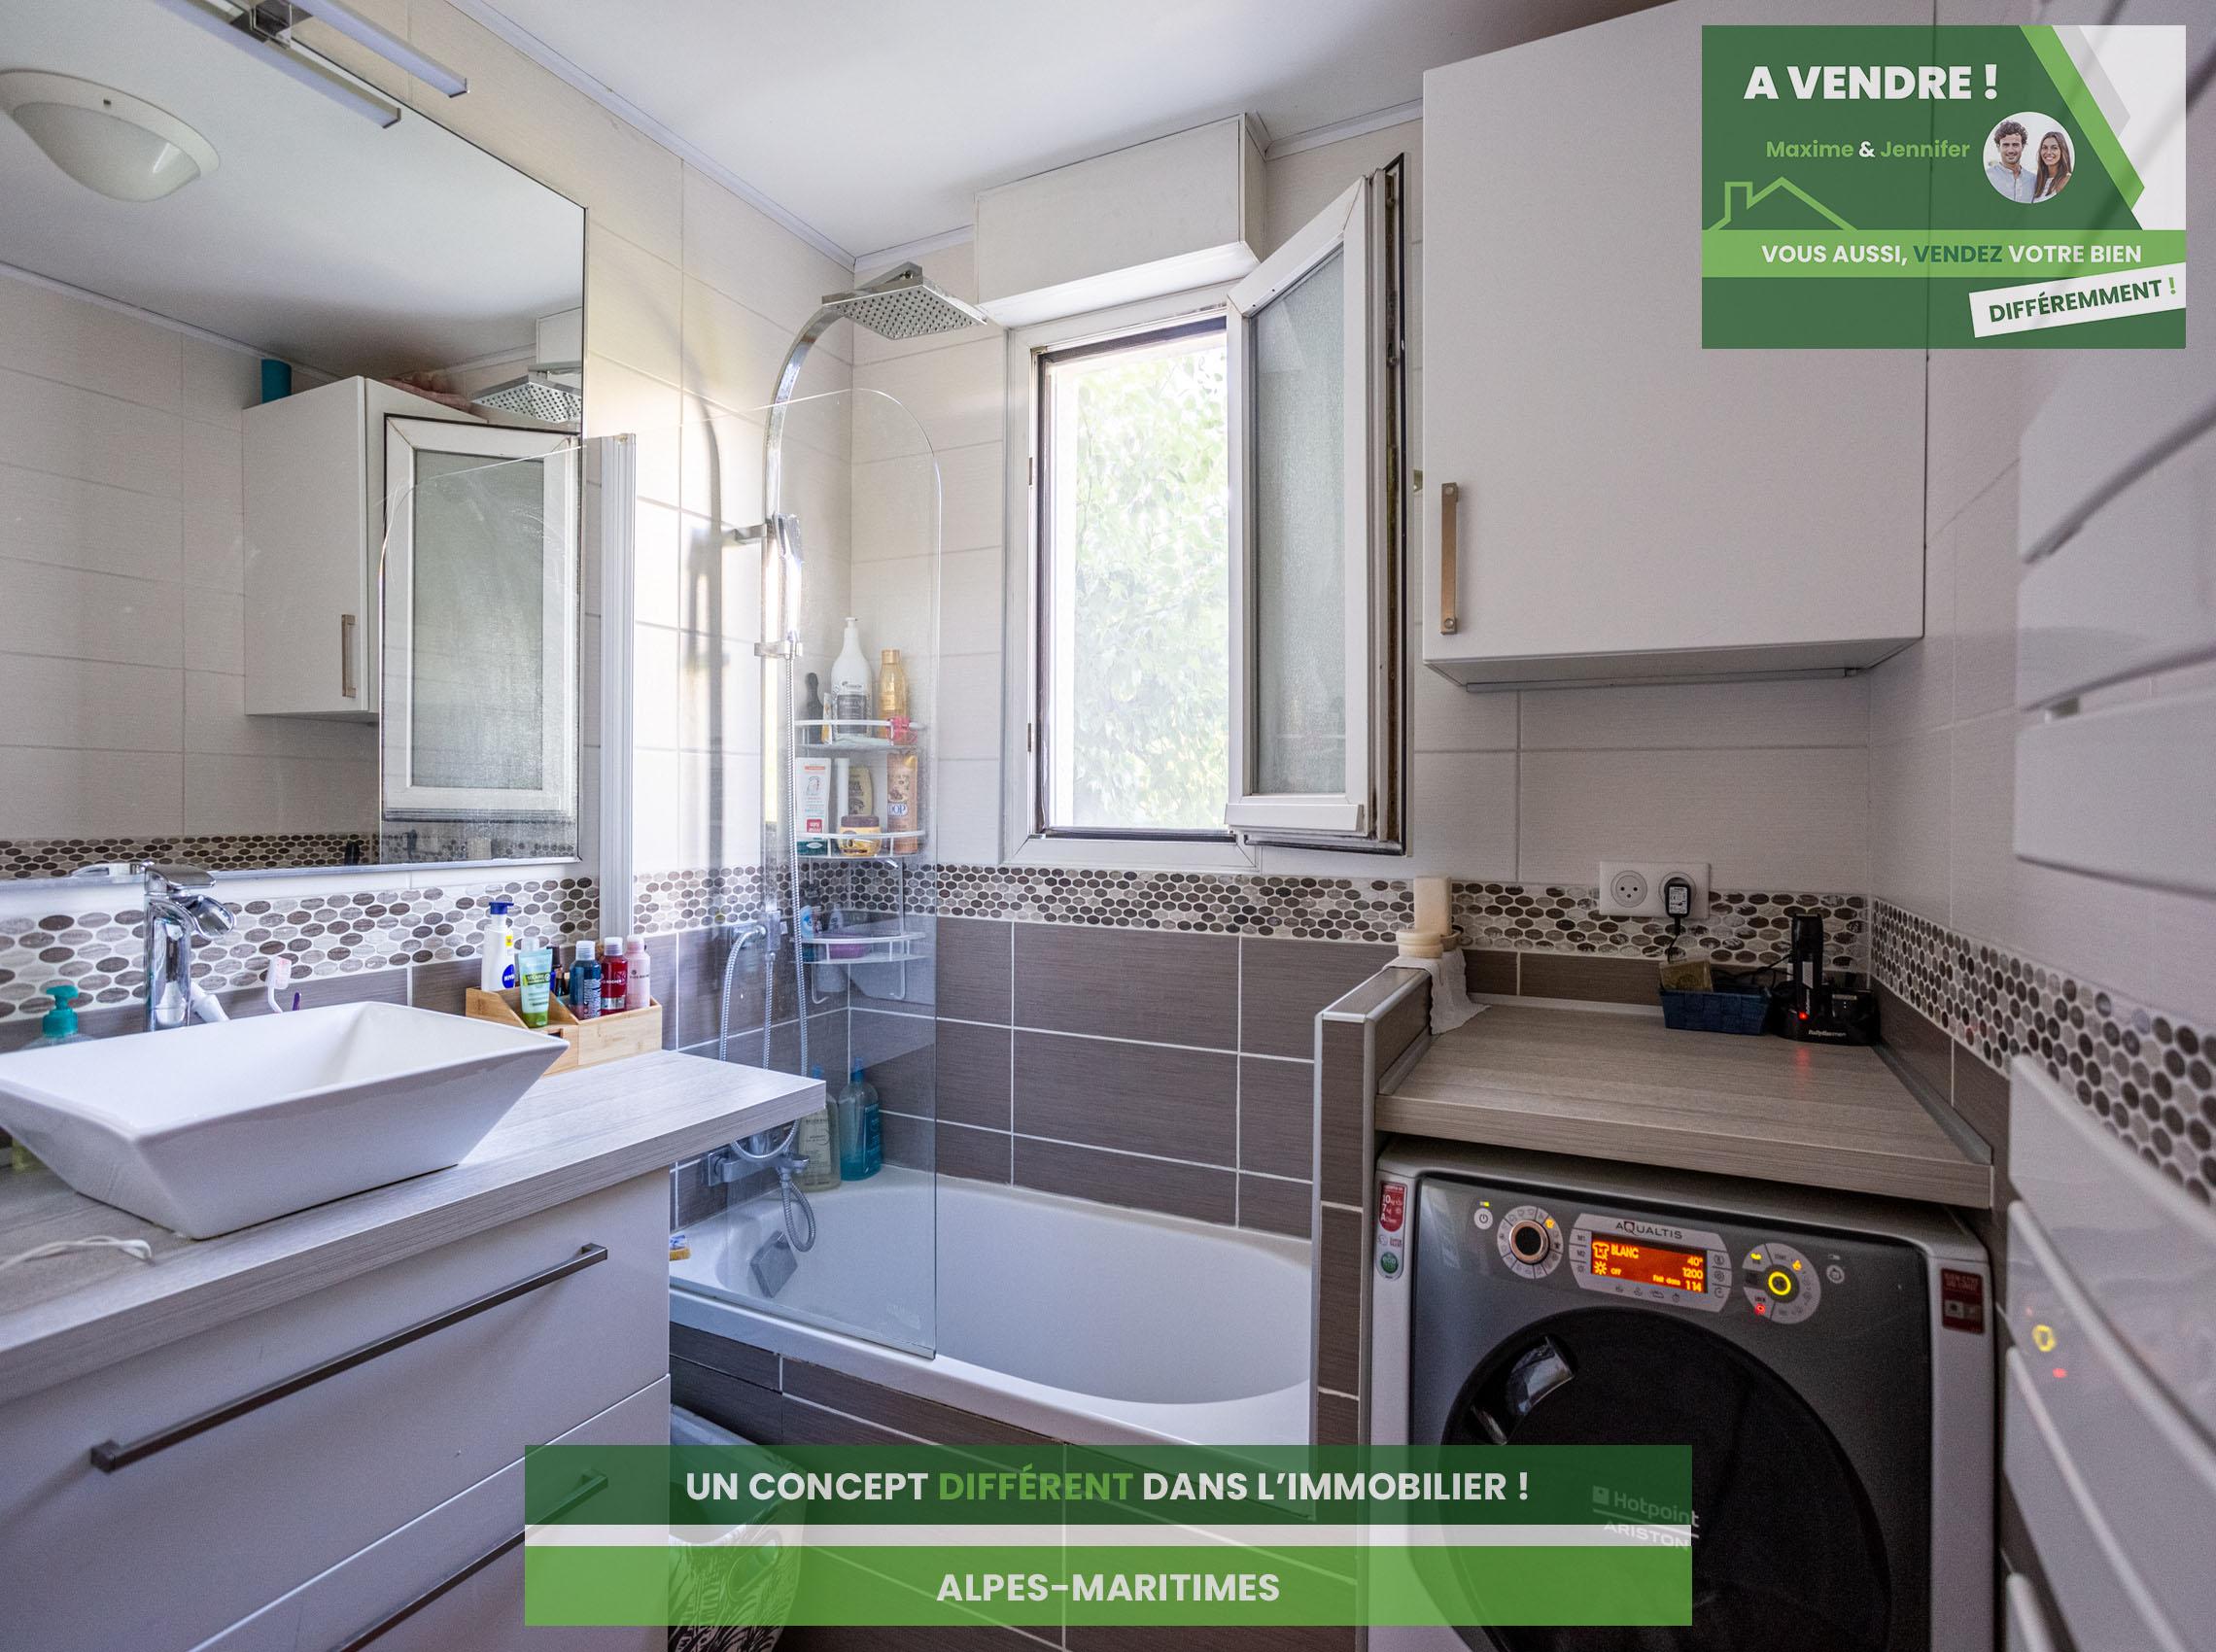 Agence immobilière Saint-Laurent-du-Var